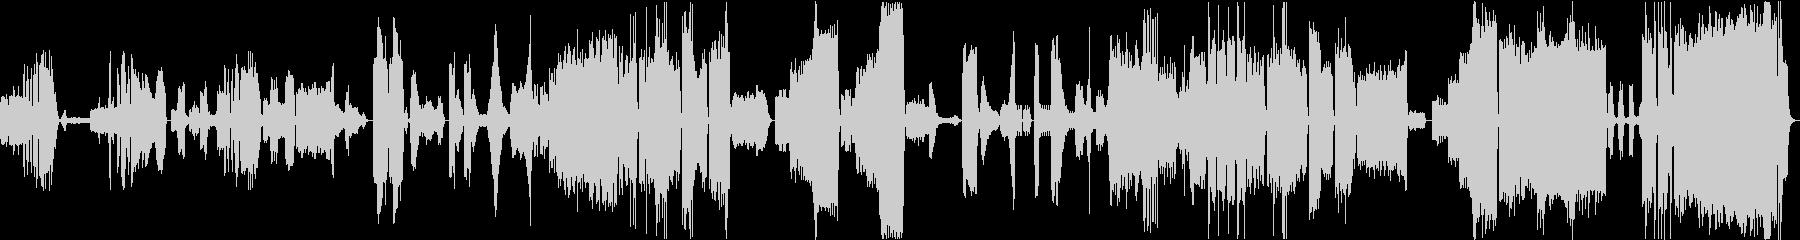 ニコライ・リムスキー=コルサコフのカバーの未再生の波形